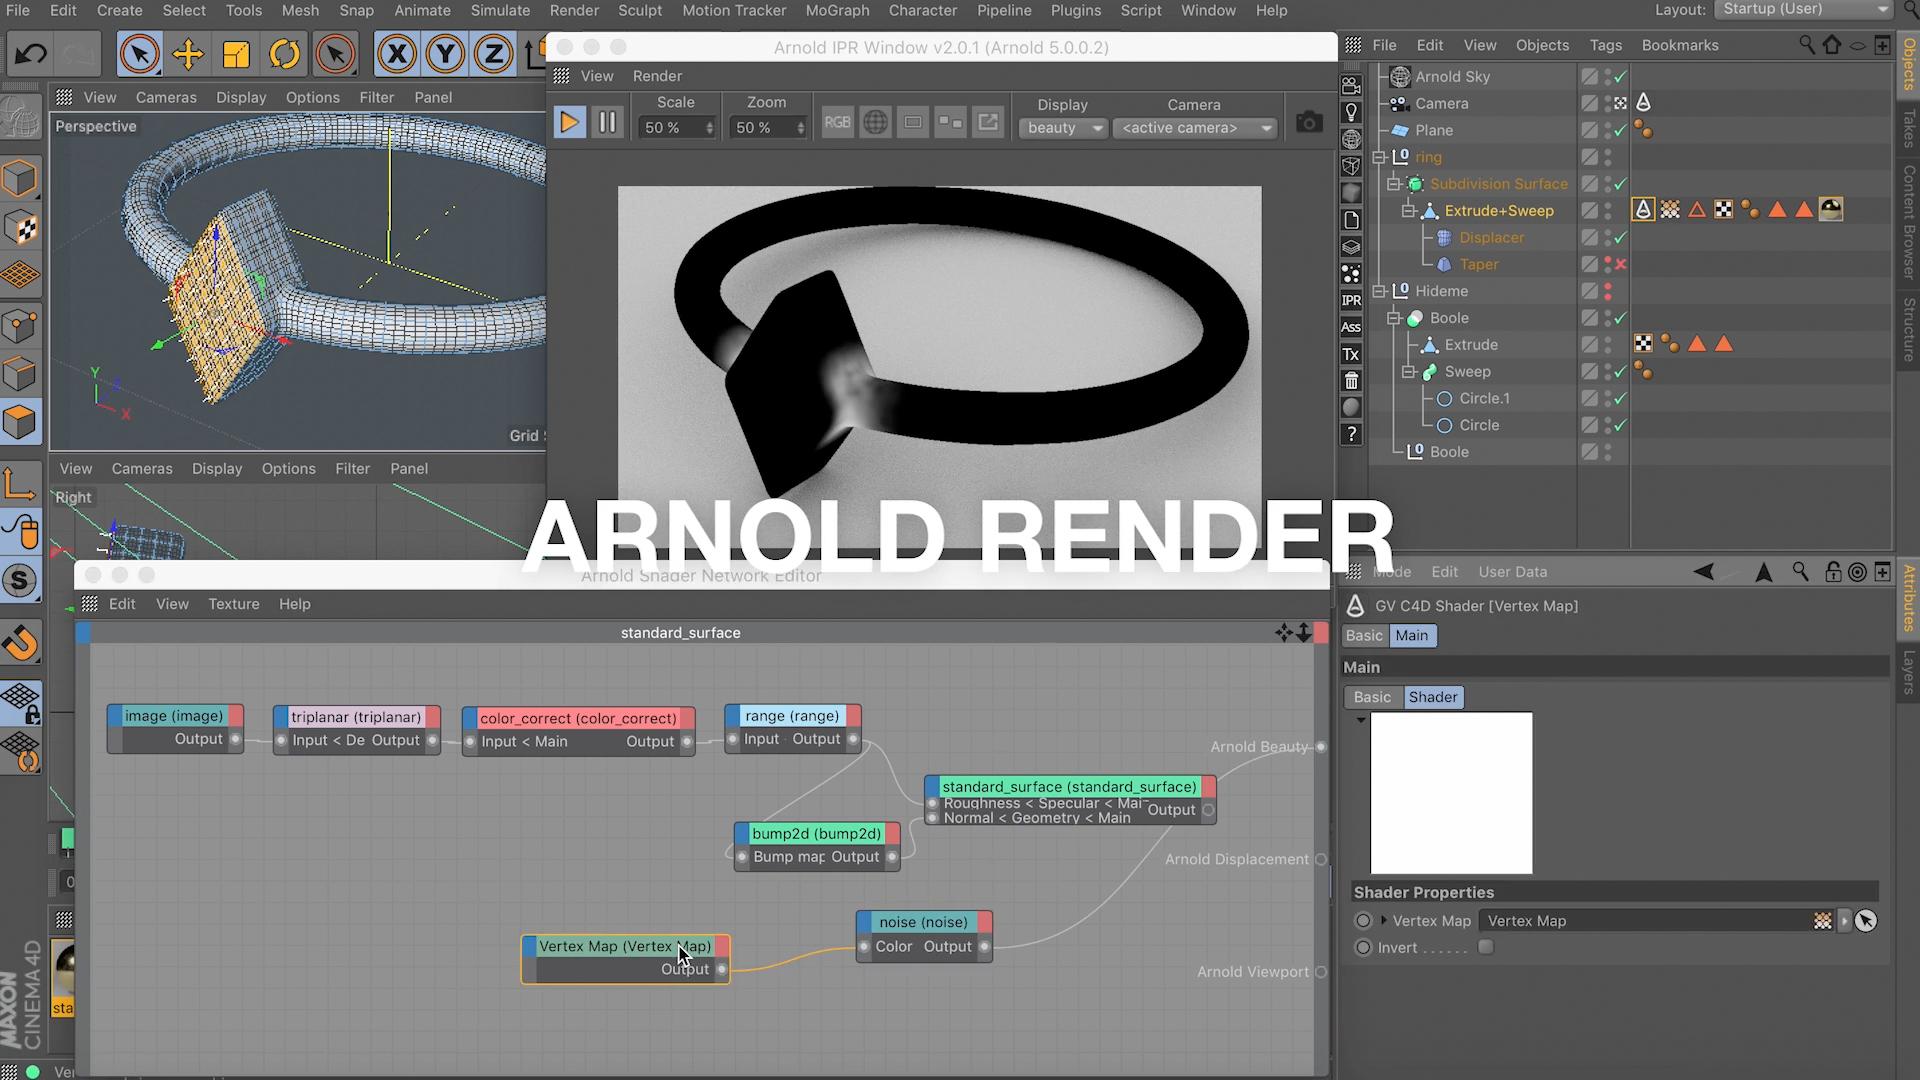 Arnold Renderer